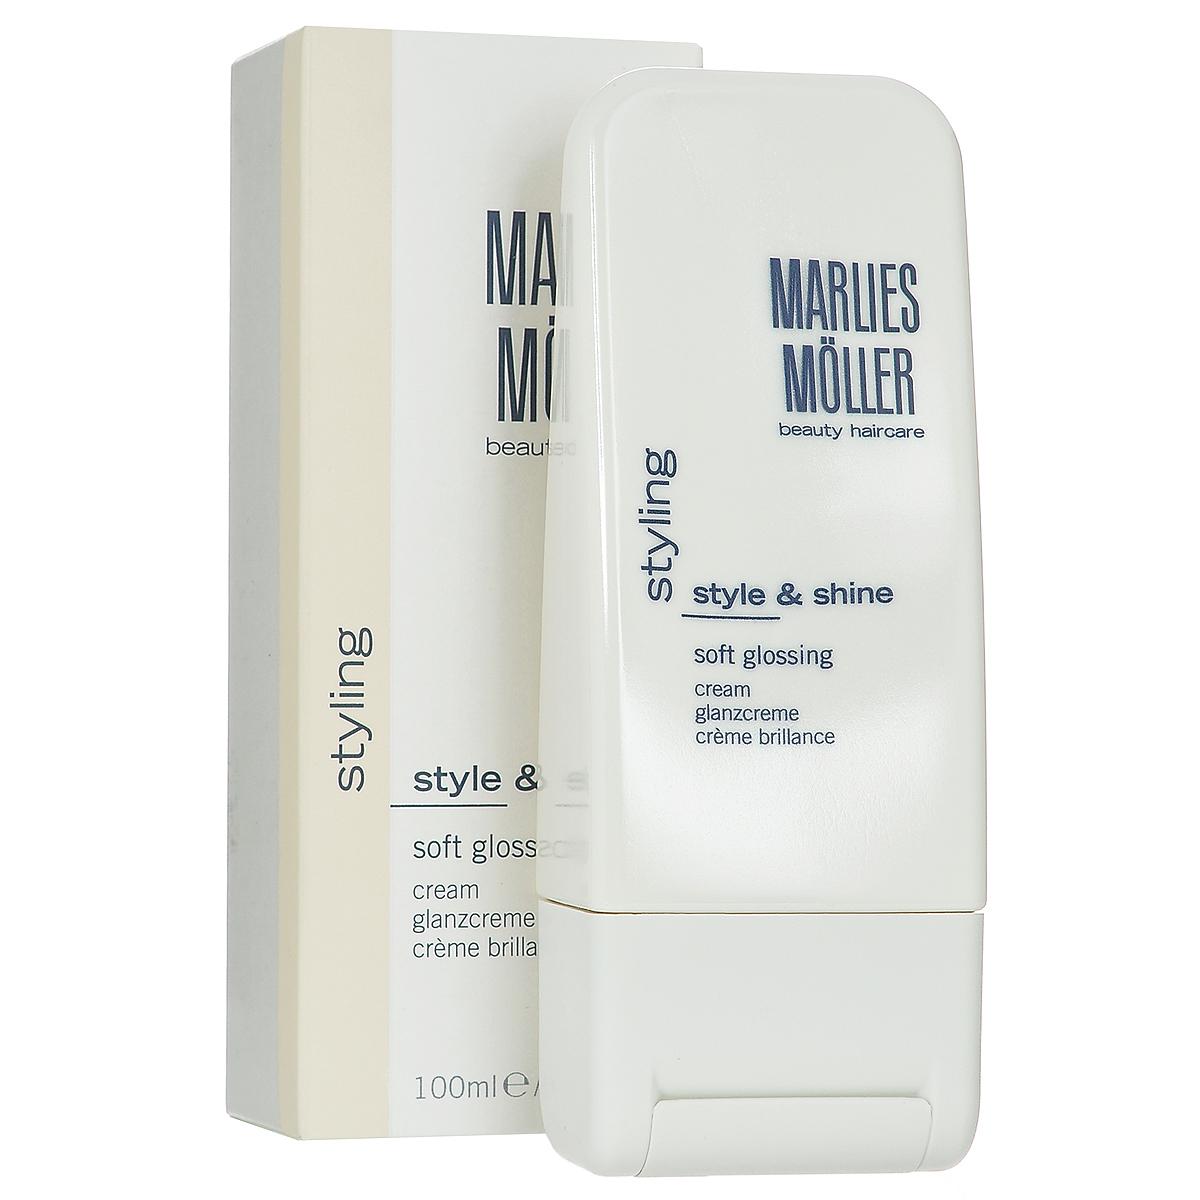 Marlies Moller Крем-блеск Styling, для выпрямления волос, 100 млA7527602Для гладких и сияющих волос. Препятствует завиванию волос. Облегчает укладку и делает волосы послушными.Применение: распределите небольшое количество средства в ладонях и нанесите на сухие волосы. Характеристики:Объем: 100 мл. Артикул: 25668MMs. Производитель: Швейцария. Товар сертифицирован.